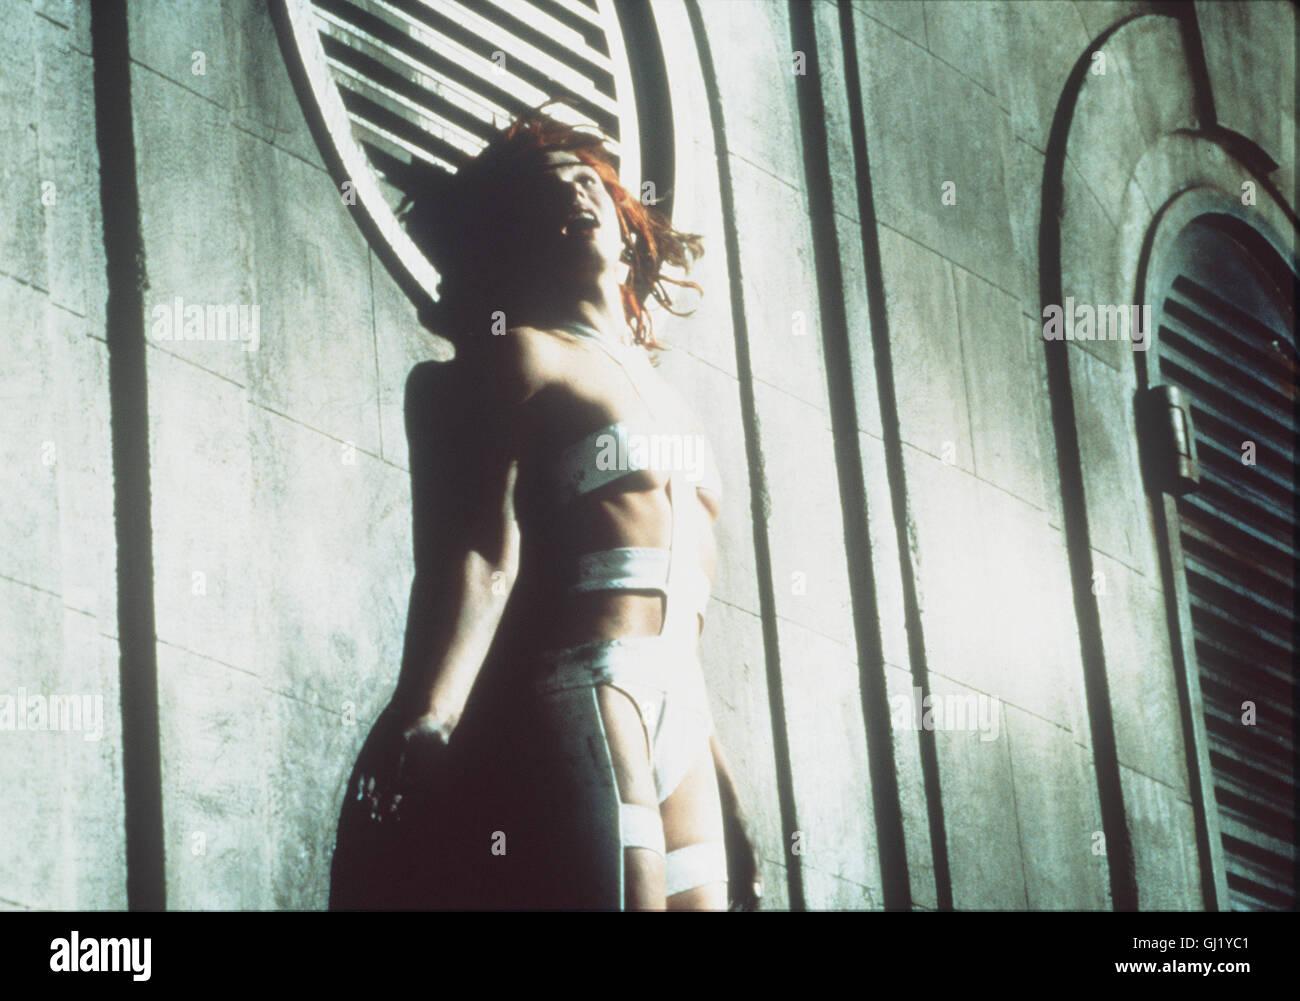 DAS FÜNFTE ELEMENT- MILLA JOVOVICH als Leeloo, der Trägerin des fünften Elementes. Doch um die Erde - Stock Image